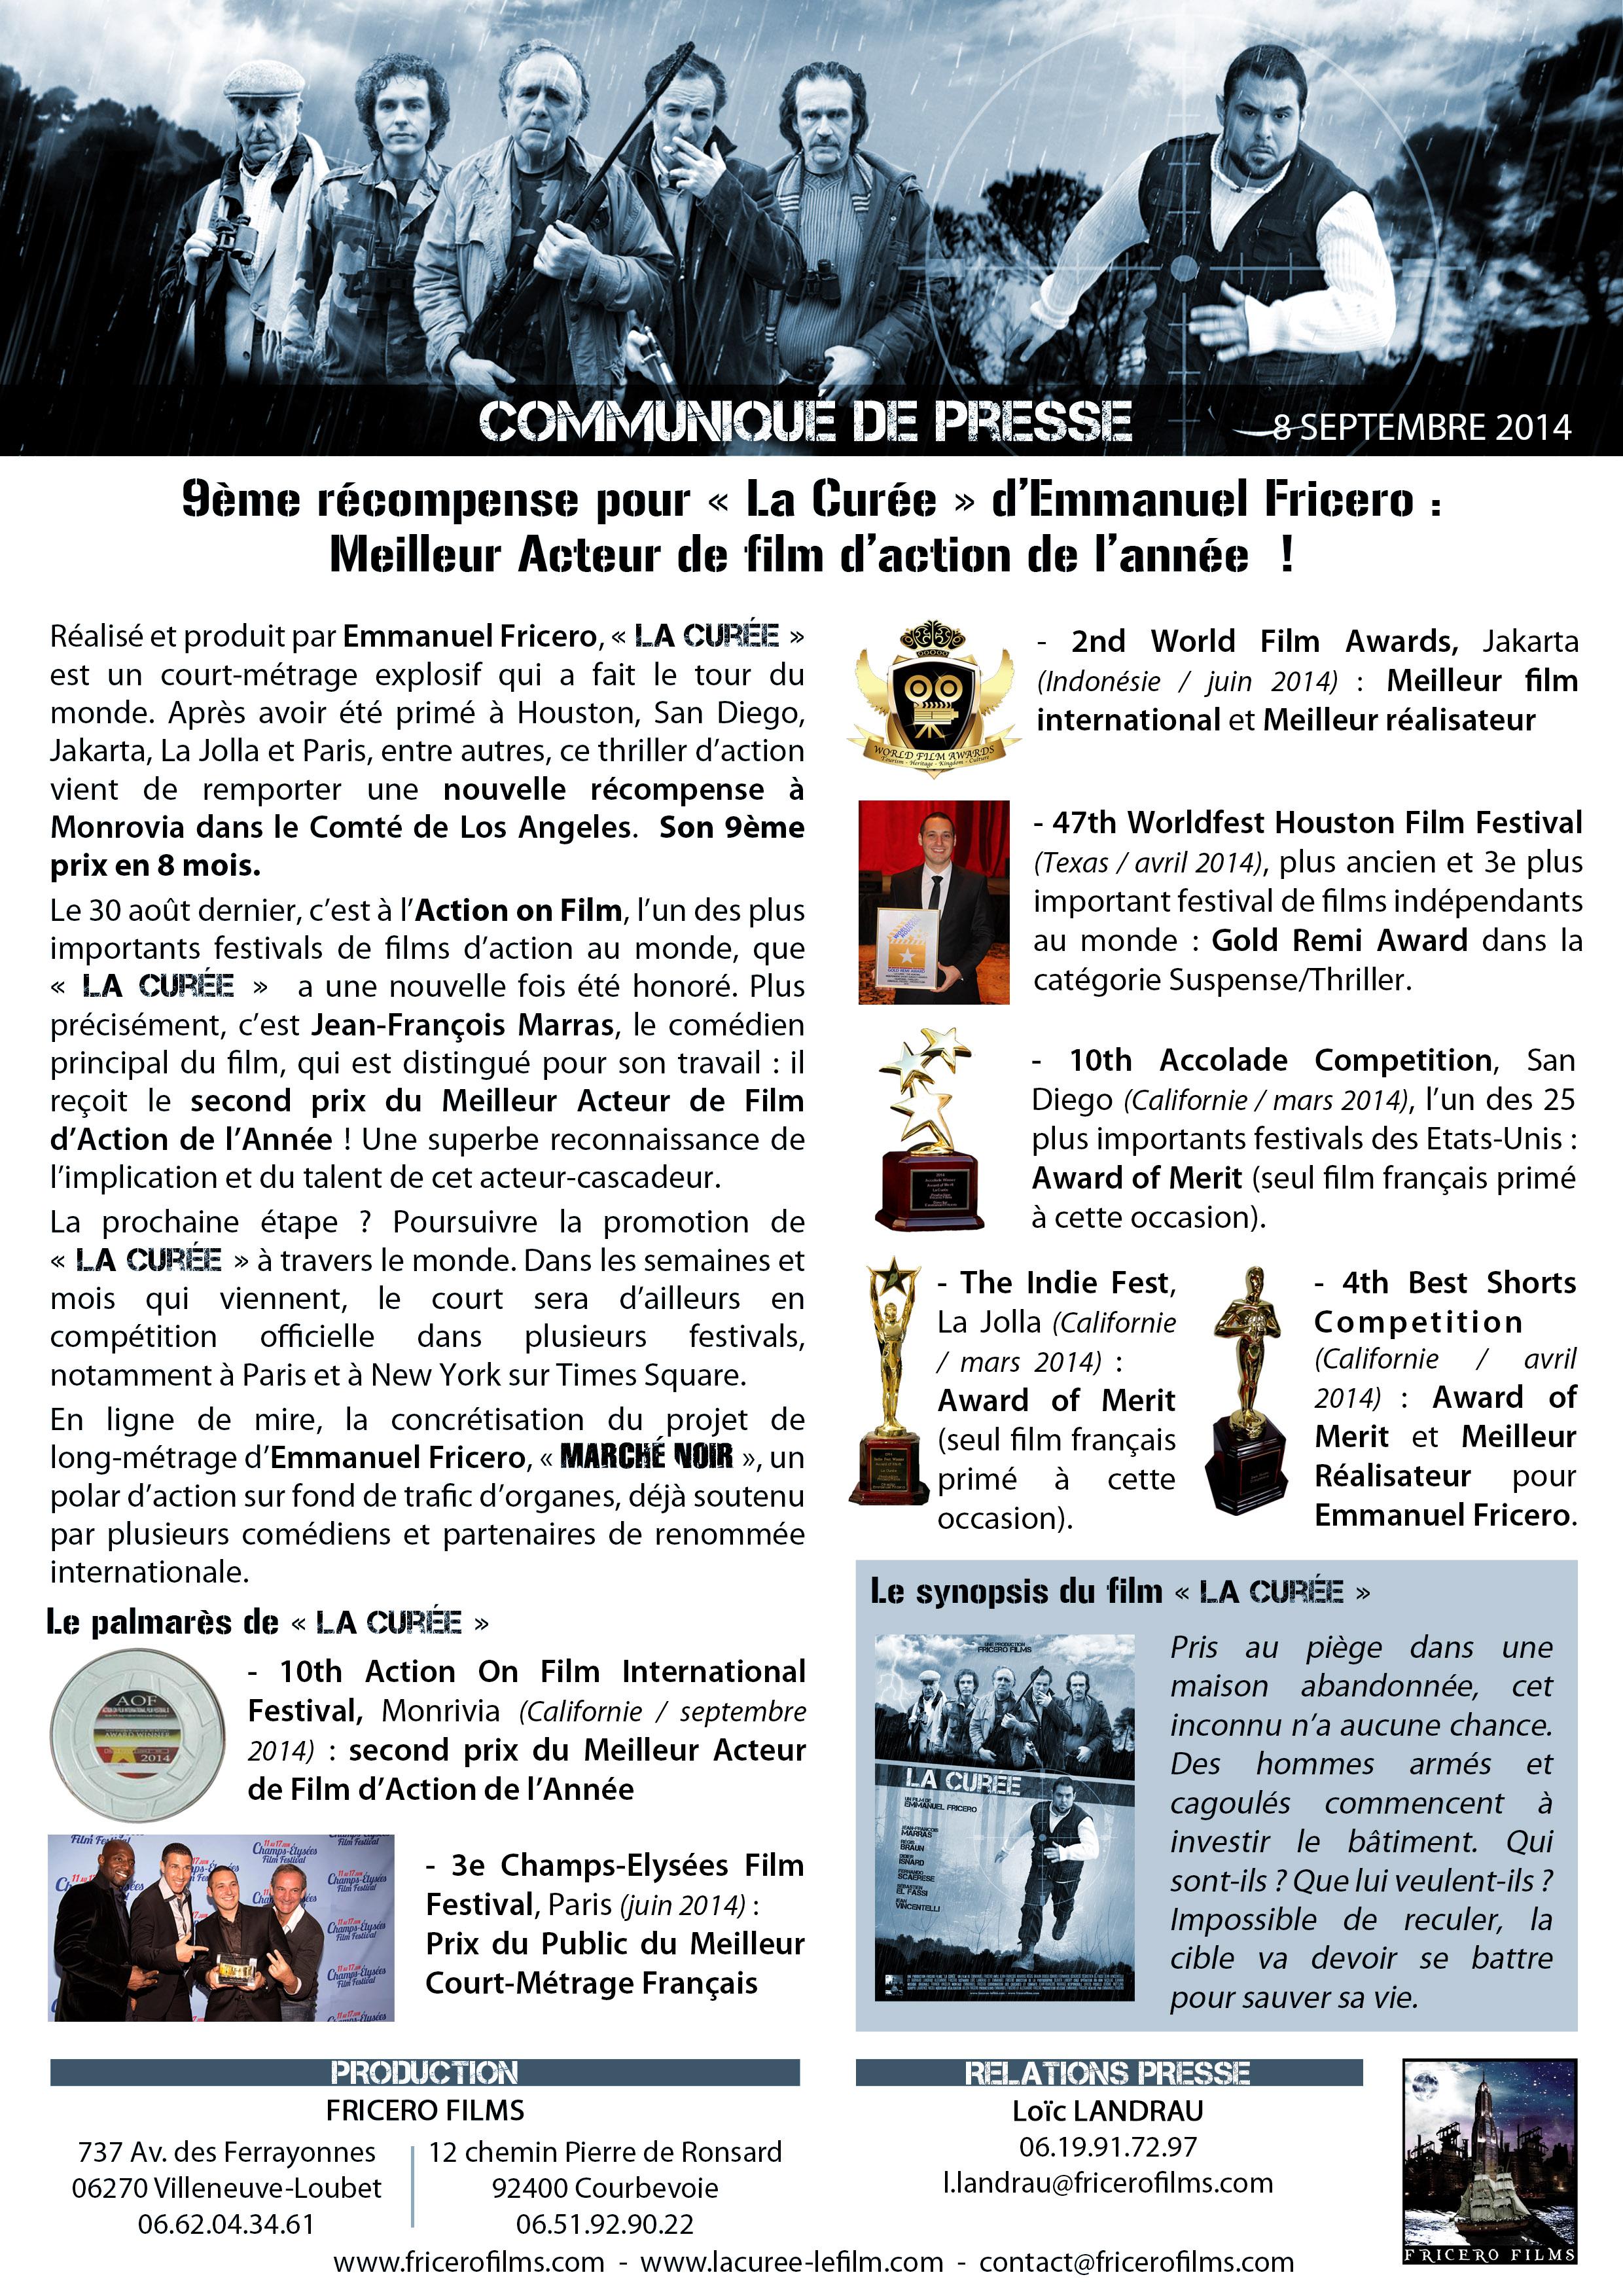 communiquedepresse-8Septembre14